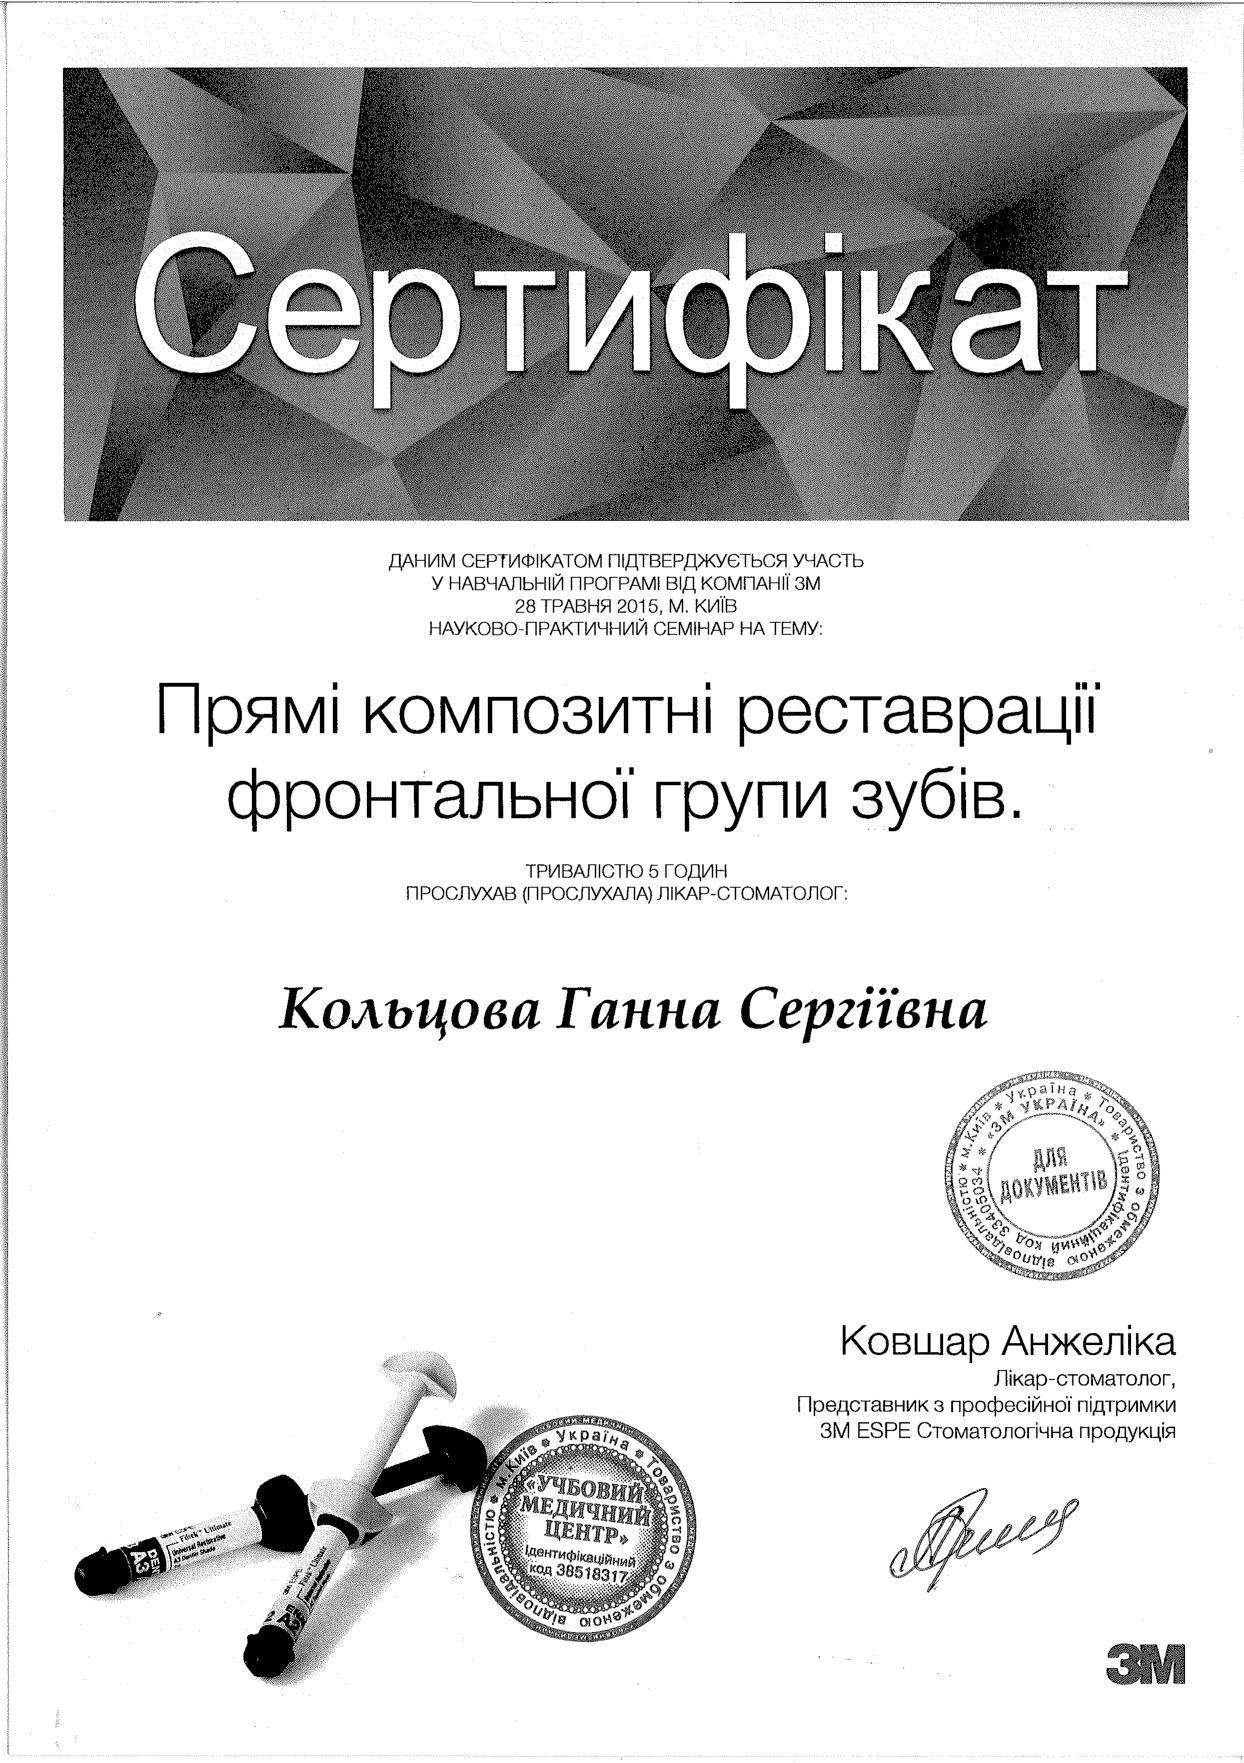 sertKoltsova10